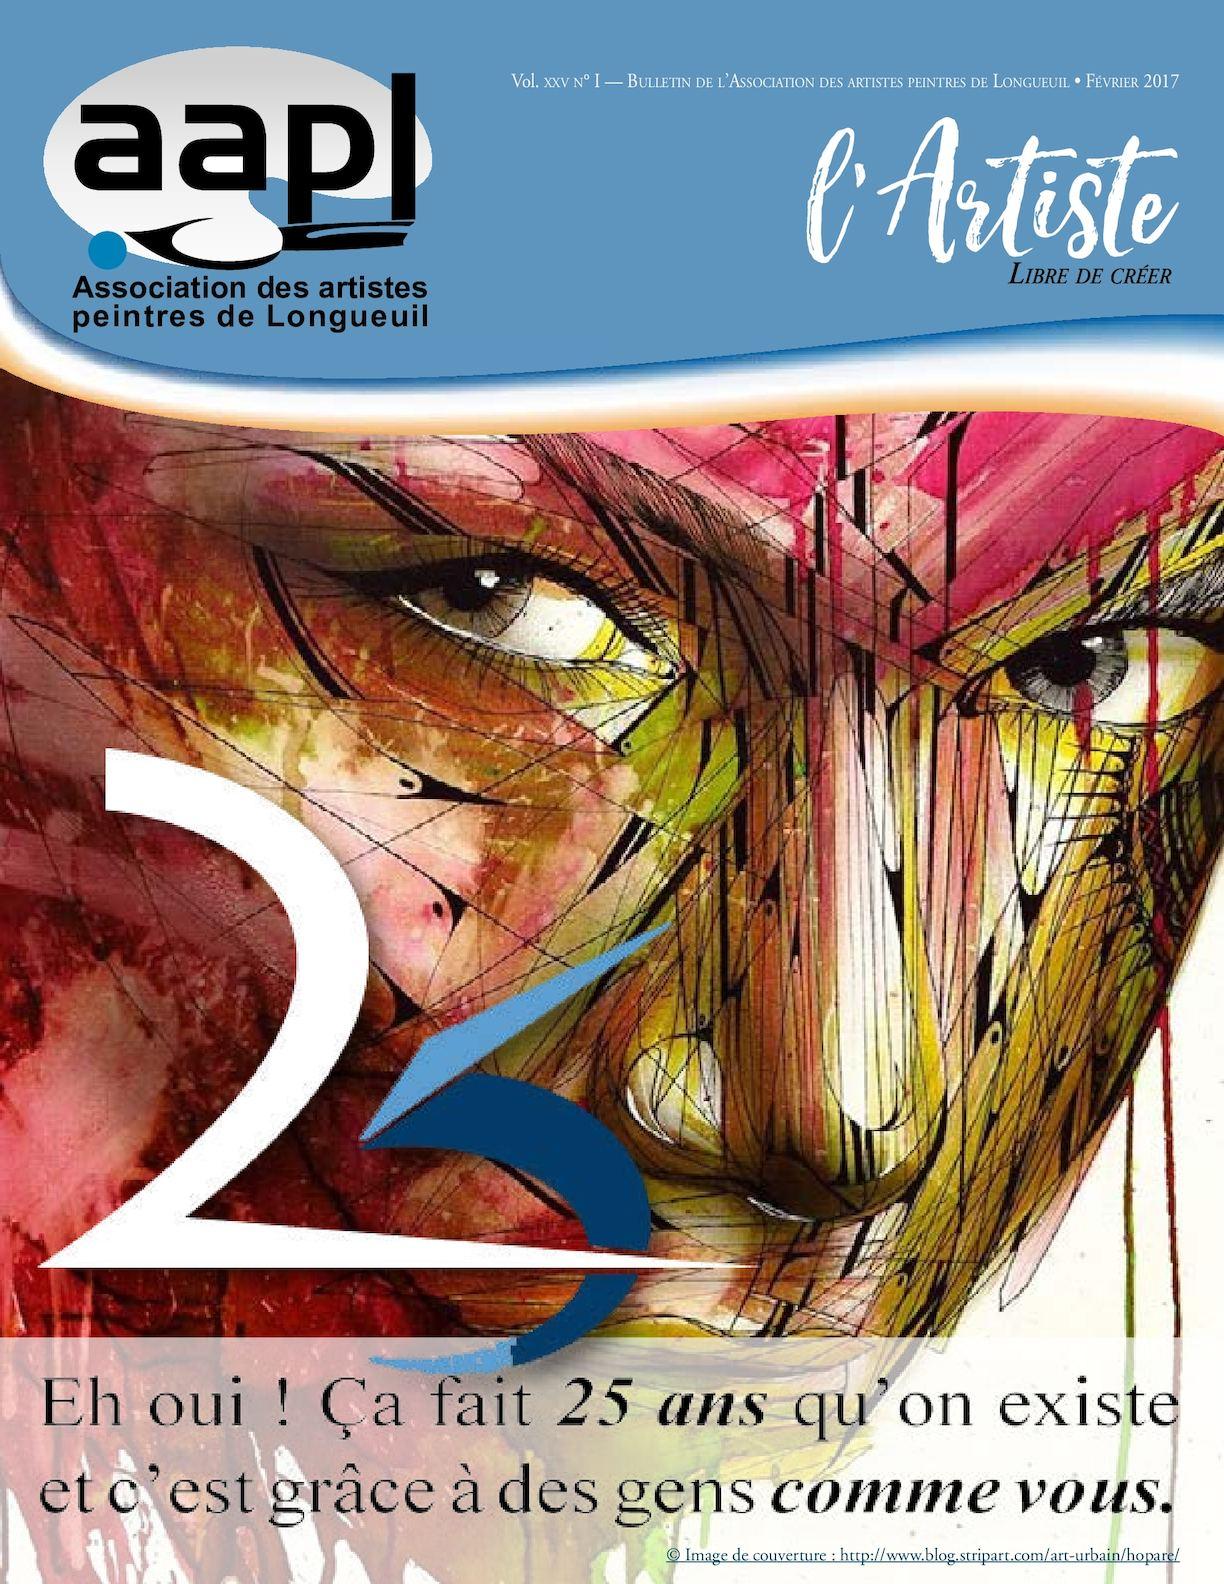 VOTRE JOURNAL L'ARTISTE (Cliquez sur l'image pour visualiser le tout).